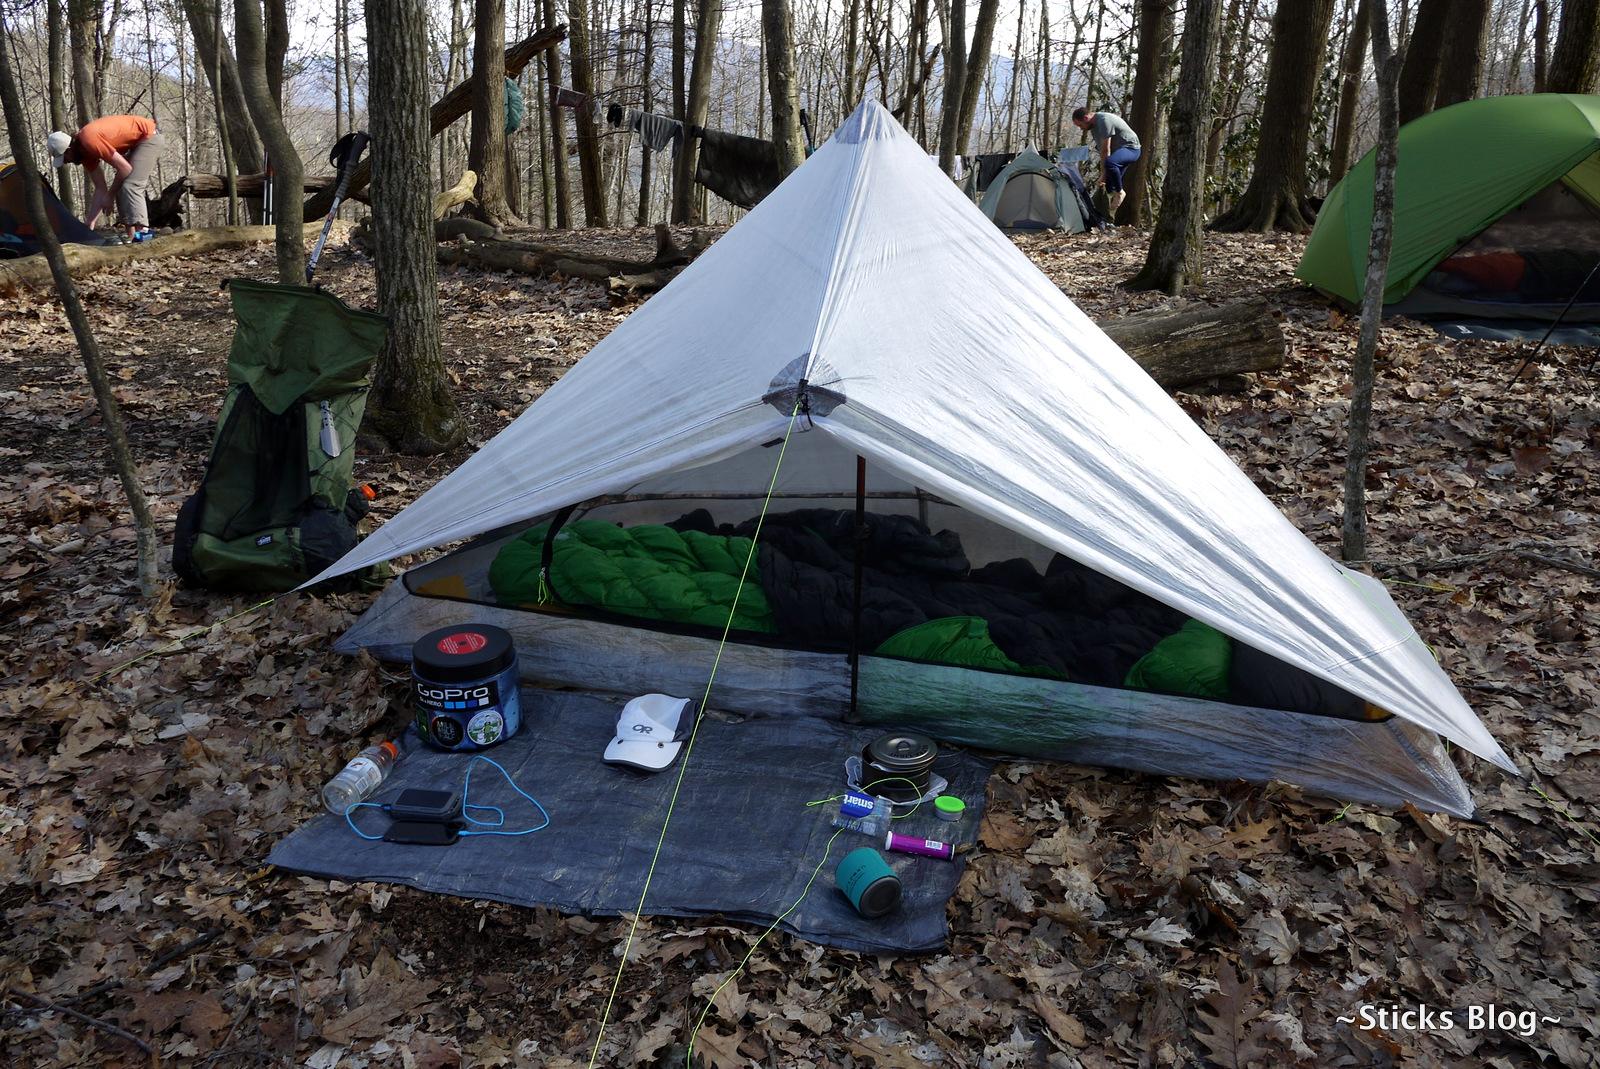 & 2014 Montbell Down Hugger 800 #3 Sleeping Bag Review | Sticku0027s Blog